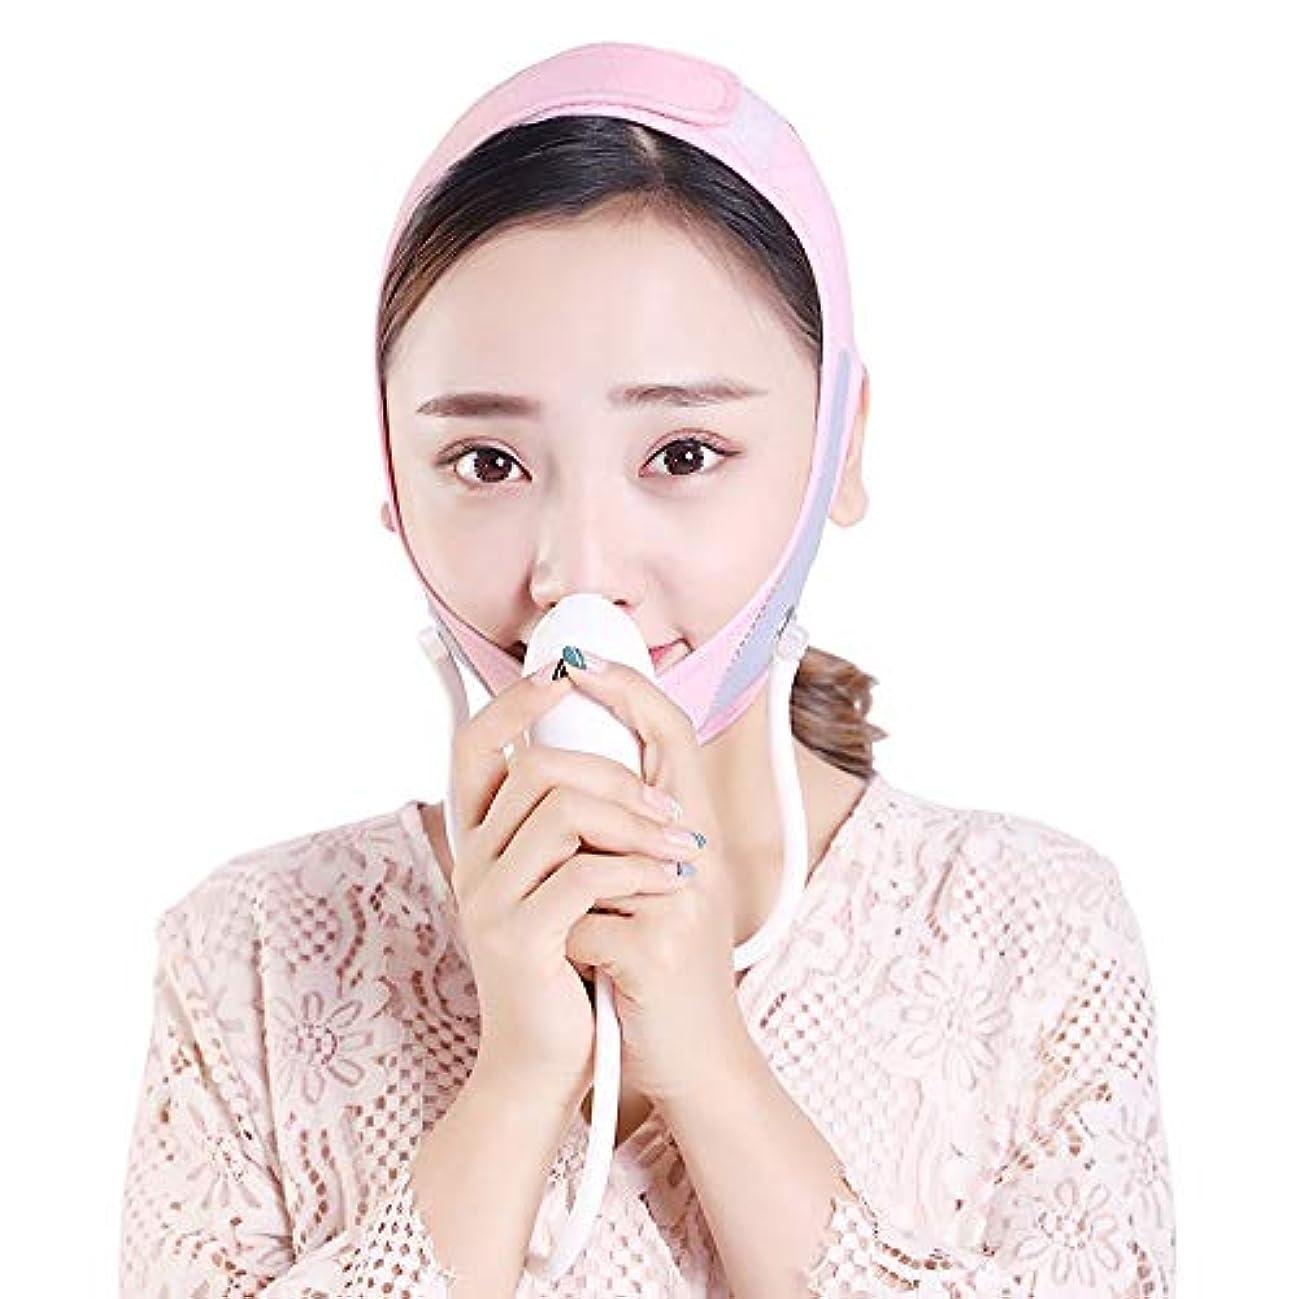 現実プレゼント不誠実GYZ インフレータブル調節可能なフェイスリフトアーチファクト包帯をダブルチンリフト引き締めカラスの足one骨のサイズV顔ユニセックス - ピンク Thin Face Belt